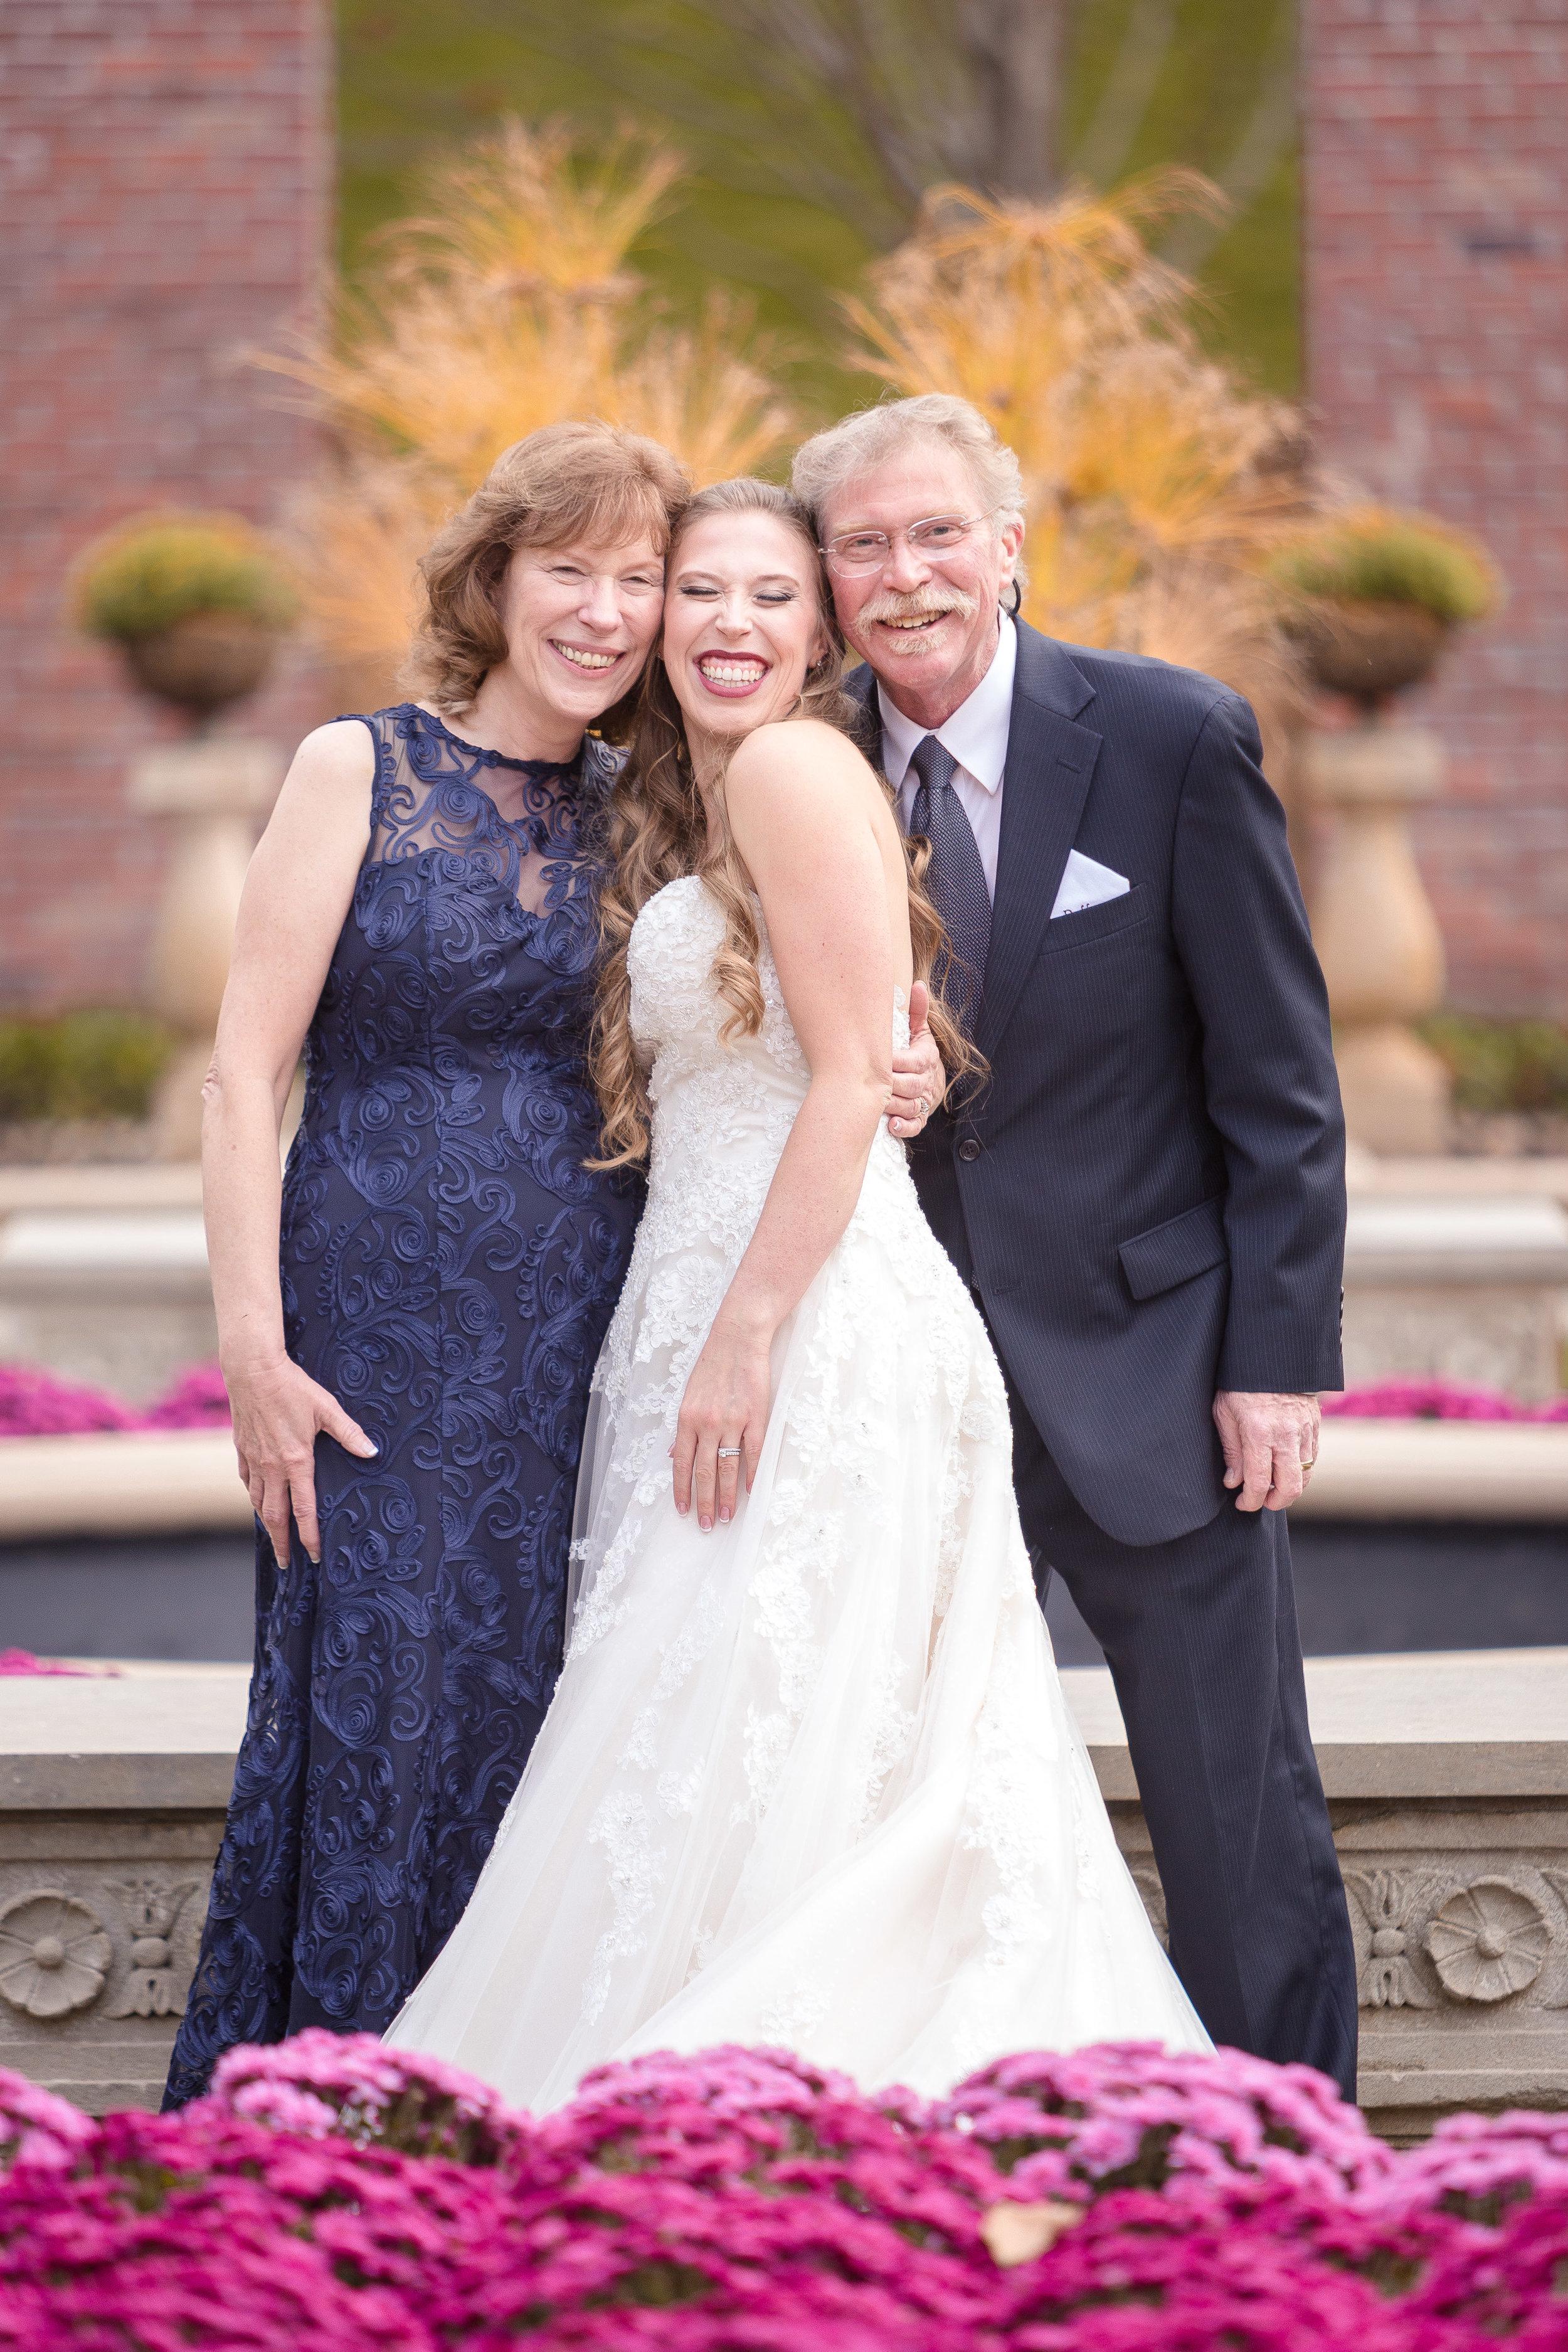 C_Wedding_Spellman, Megan & Tyler_10.27.18-900.JPG